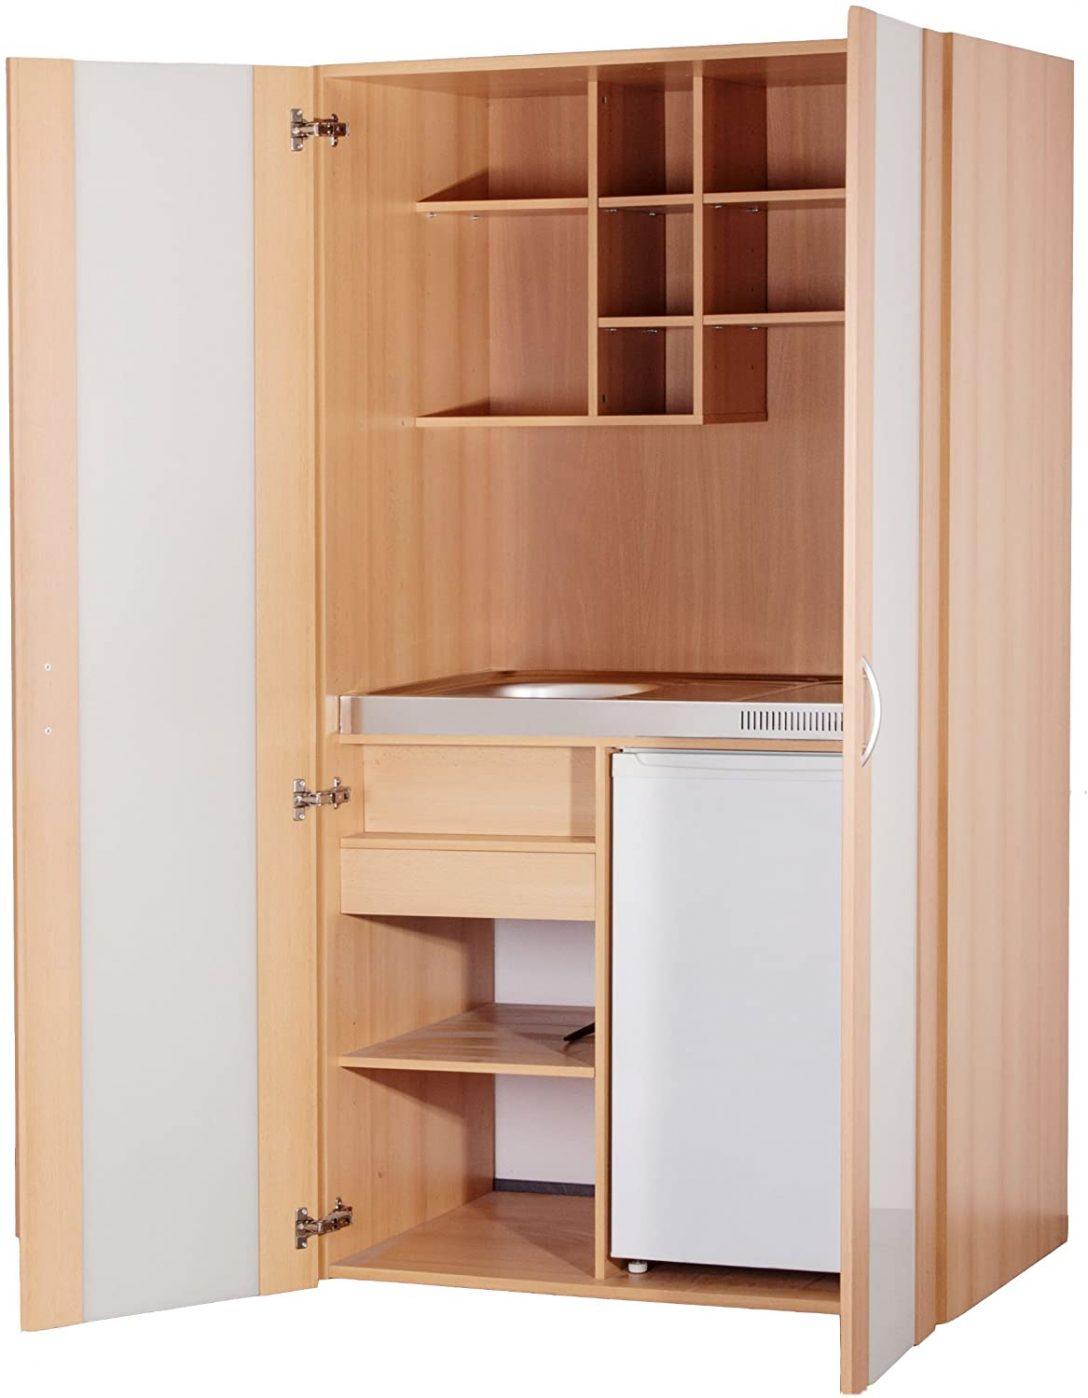 Large Size of Singleküche Ikea Mk0009s Kche Betten Bei Mit E Geräten Küche Kosten 160x200 Kühlschrank Sofa Schlaffunktion Miniküche Kaufen Modulküche Wohnzimmer Singleküche Ikea